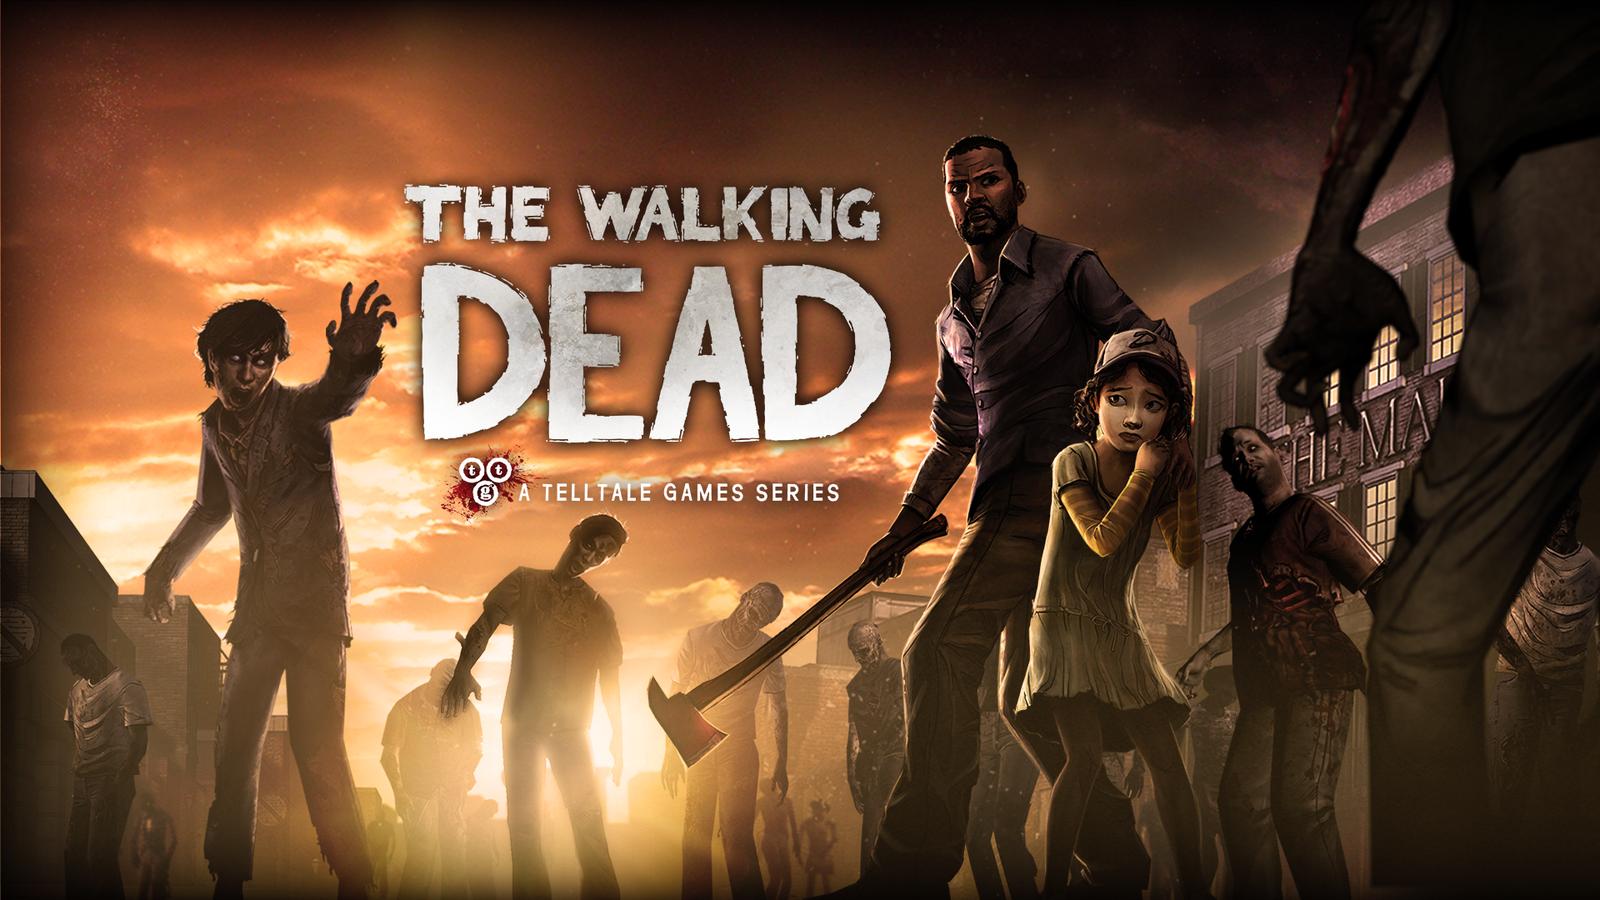 Telltale - The Walking Dead Season 1 @ Steam - £5.69